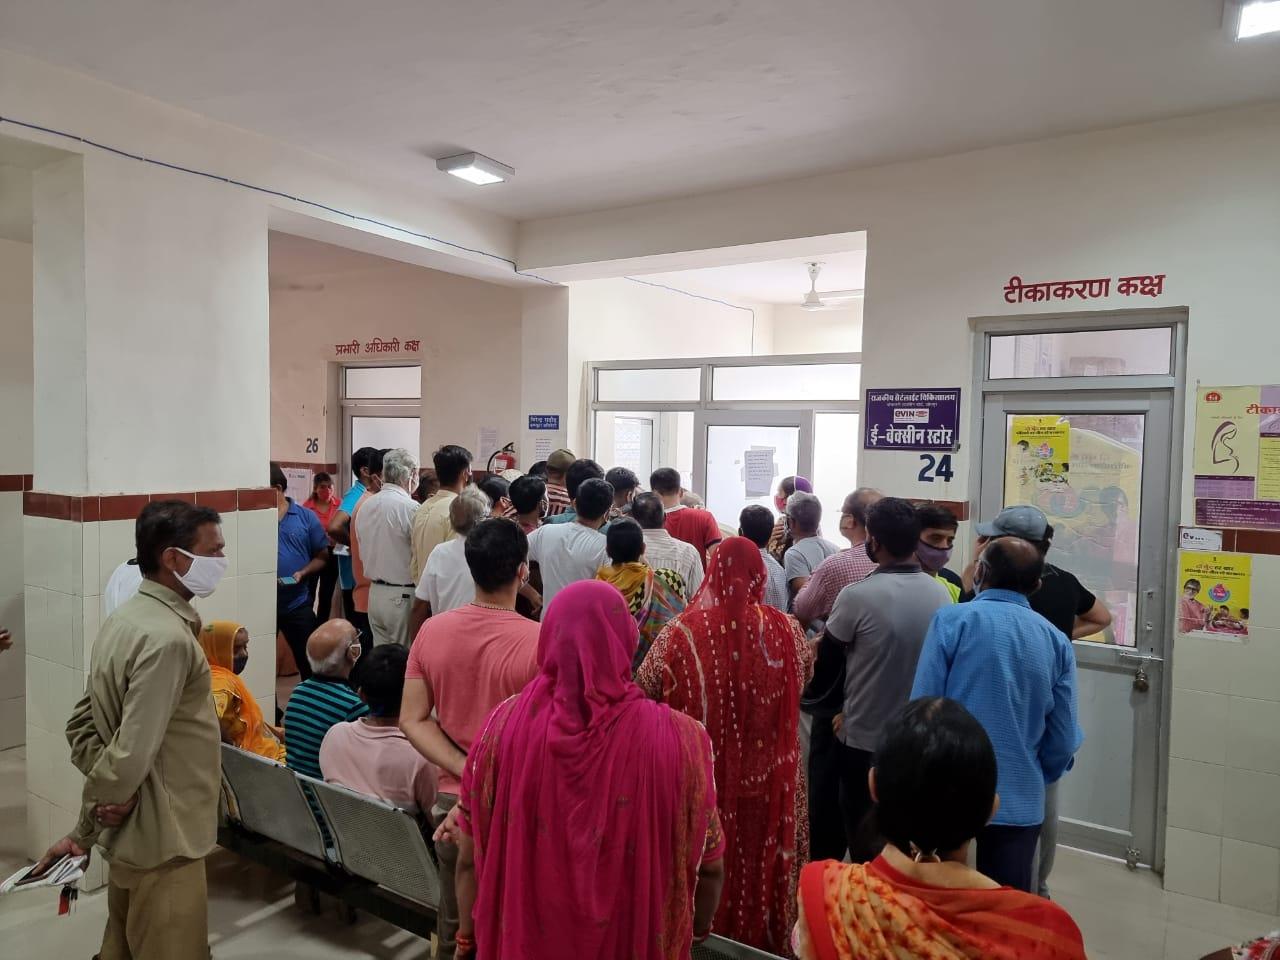 रुक-रुककर चल रहे टीकाकरण अभियान से सेंटरों पर भीड़, दो दिन बाद 169 सेंटर पर वैक्सीनेशन शुरु, जोधपुर को रोजाना 57 हजार टीकों की दरकार|जोधपुर,Jodhpur - Dainik Bhaskar